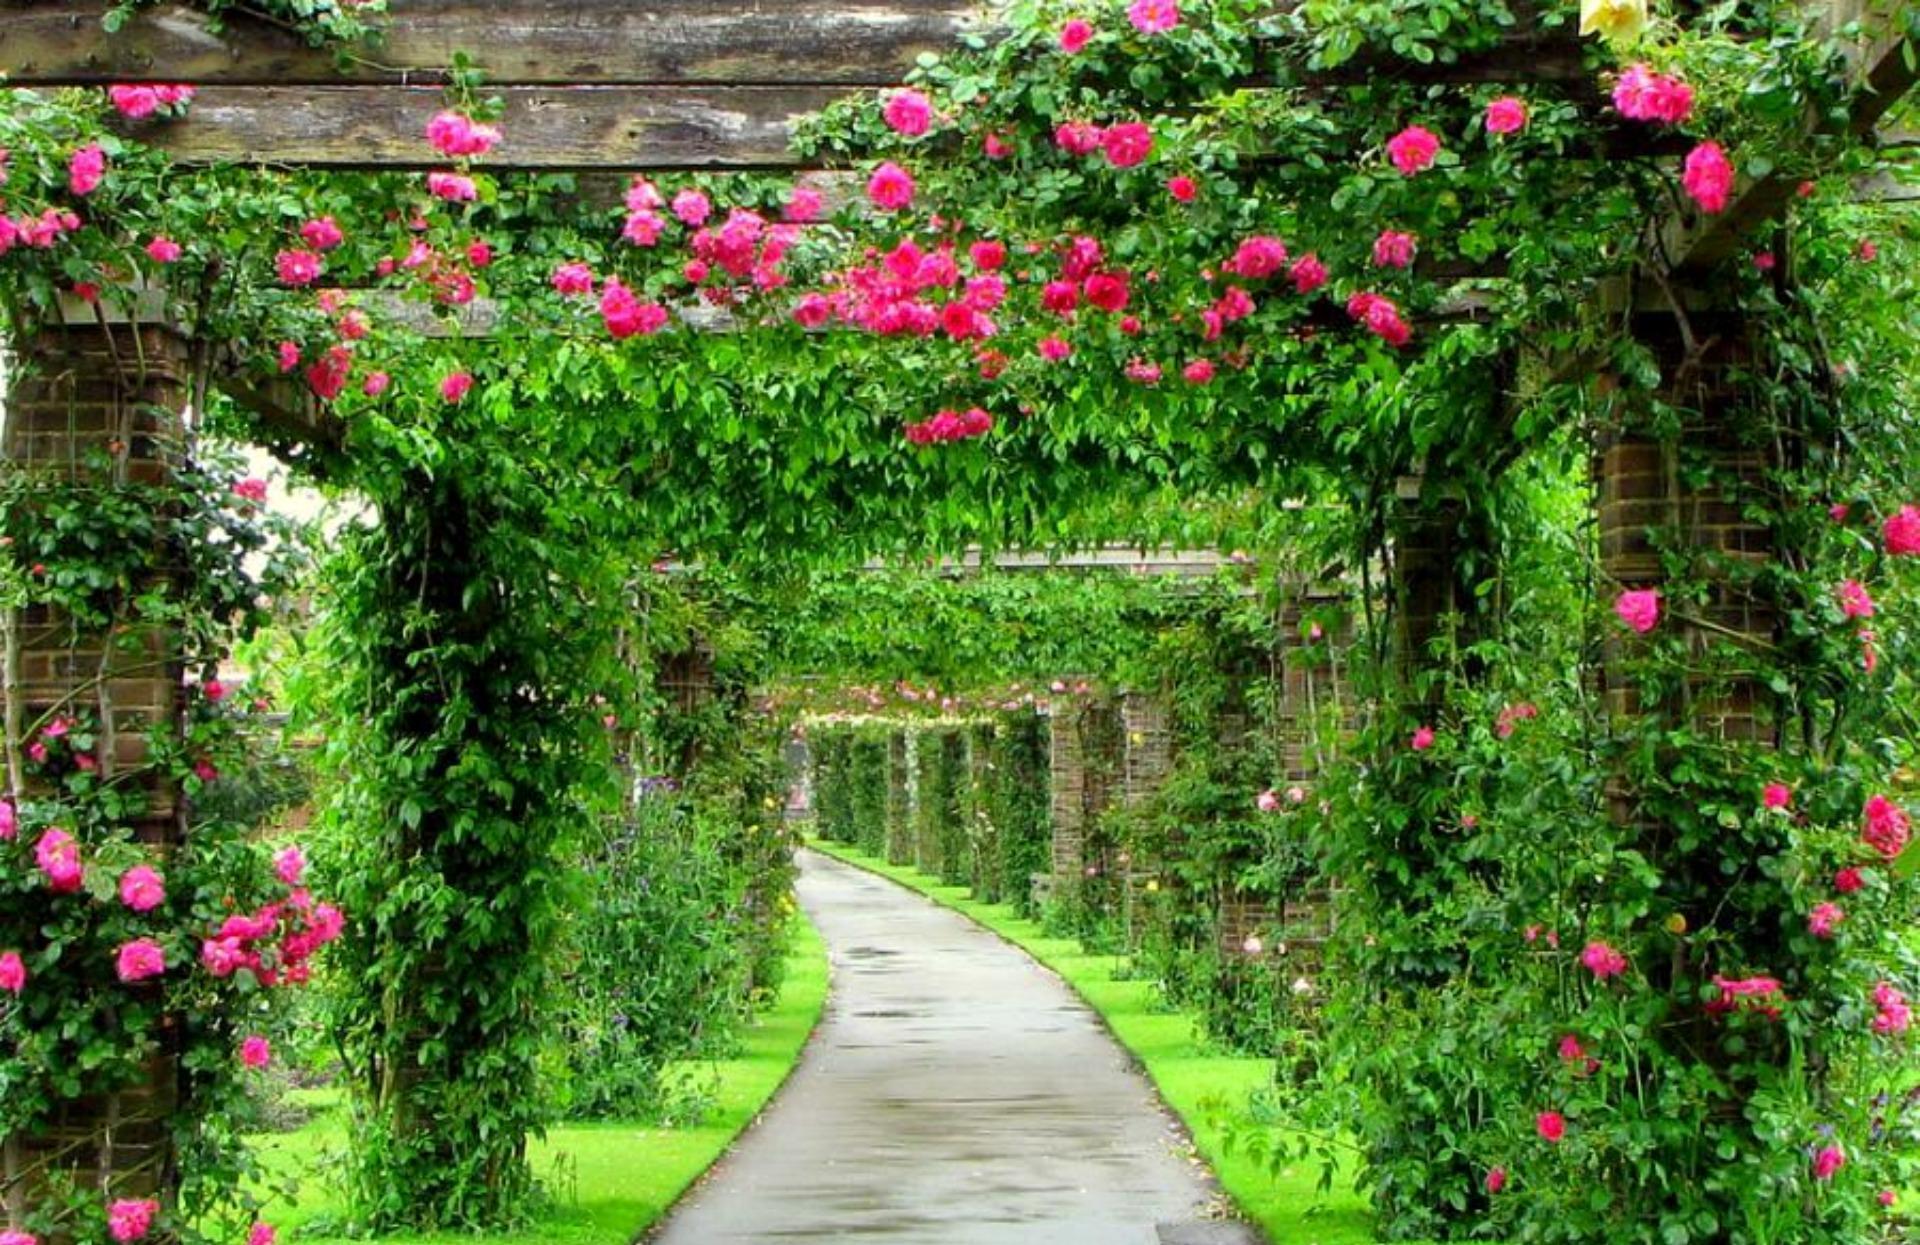 Арки или перголы, увитые плетистыми розами, беседки, окруженные ими, придают саду новое дыхание и особую романтичность.